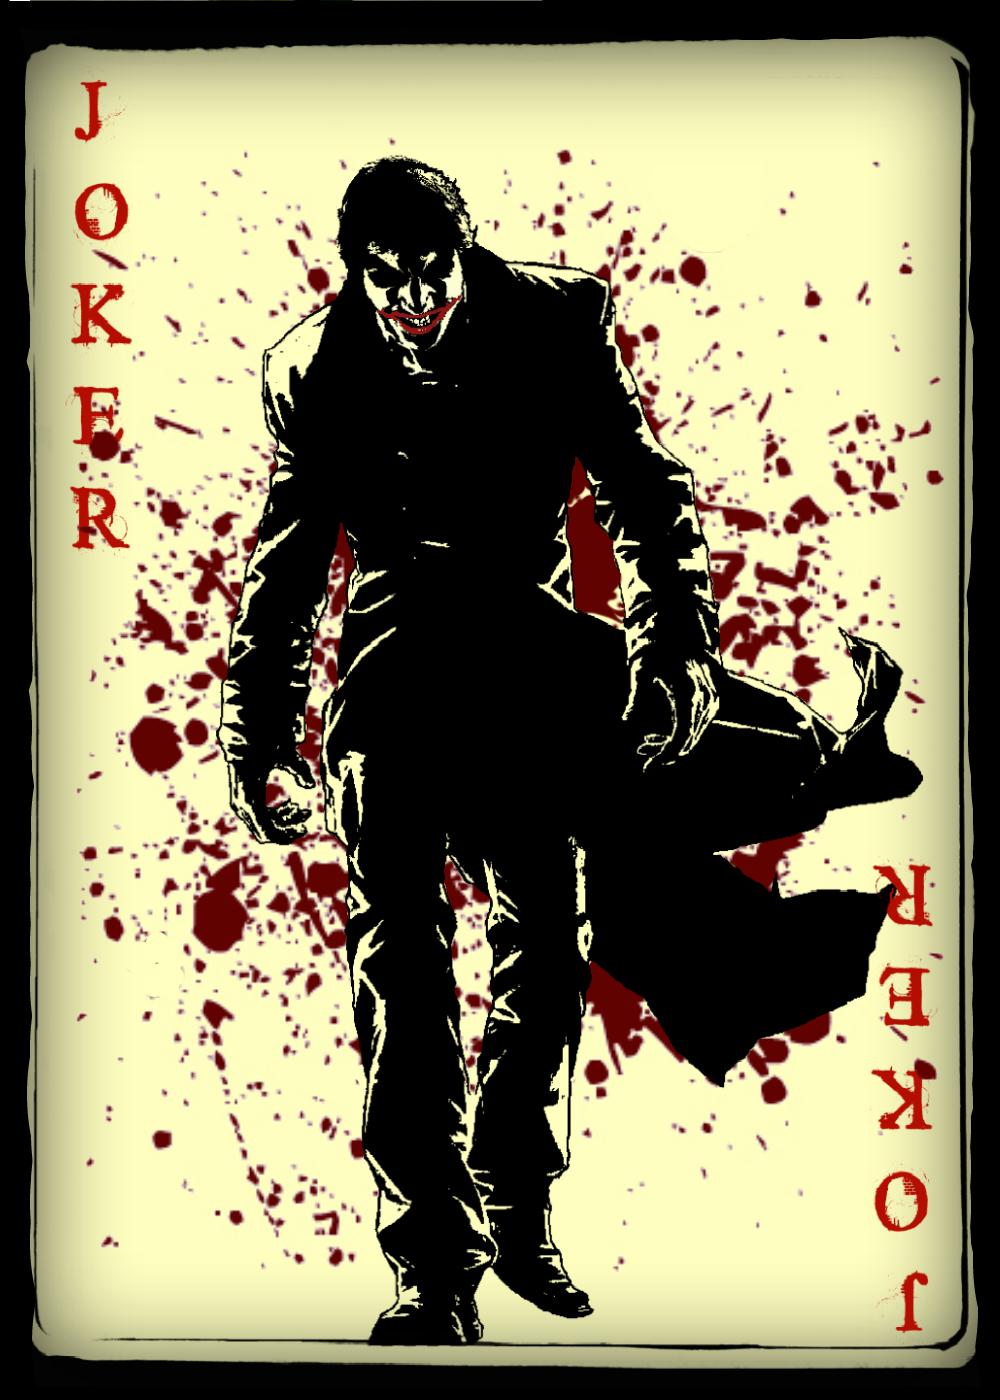 joker card art - photo #5